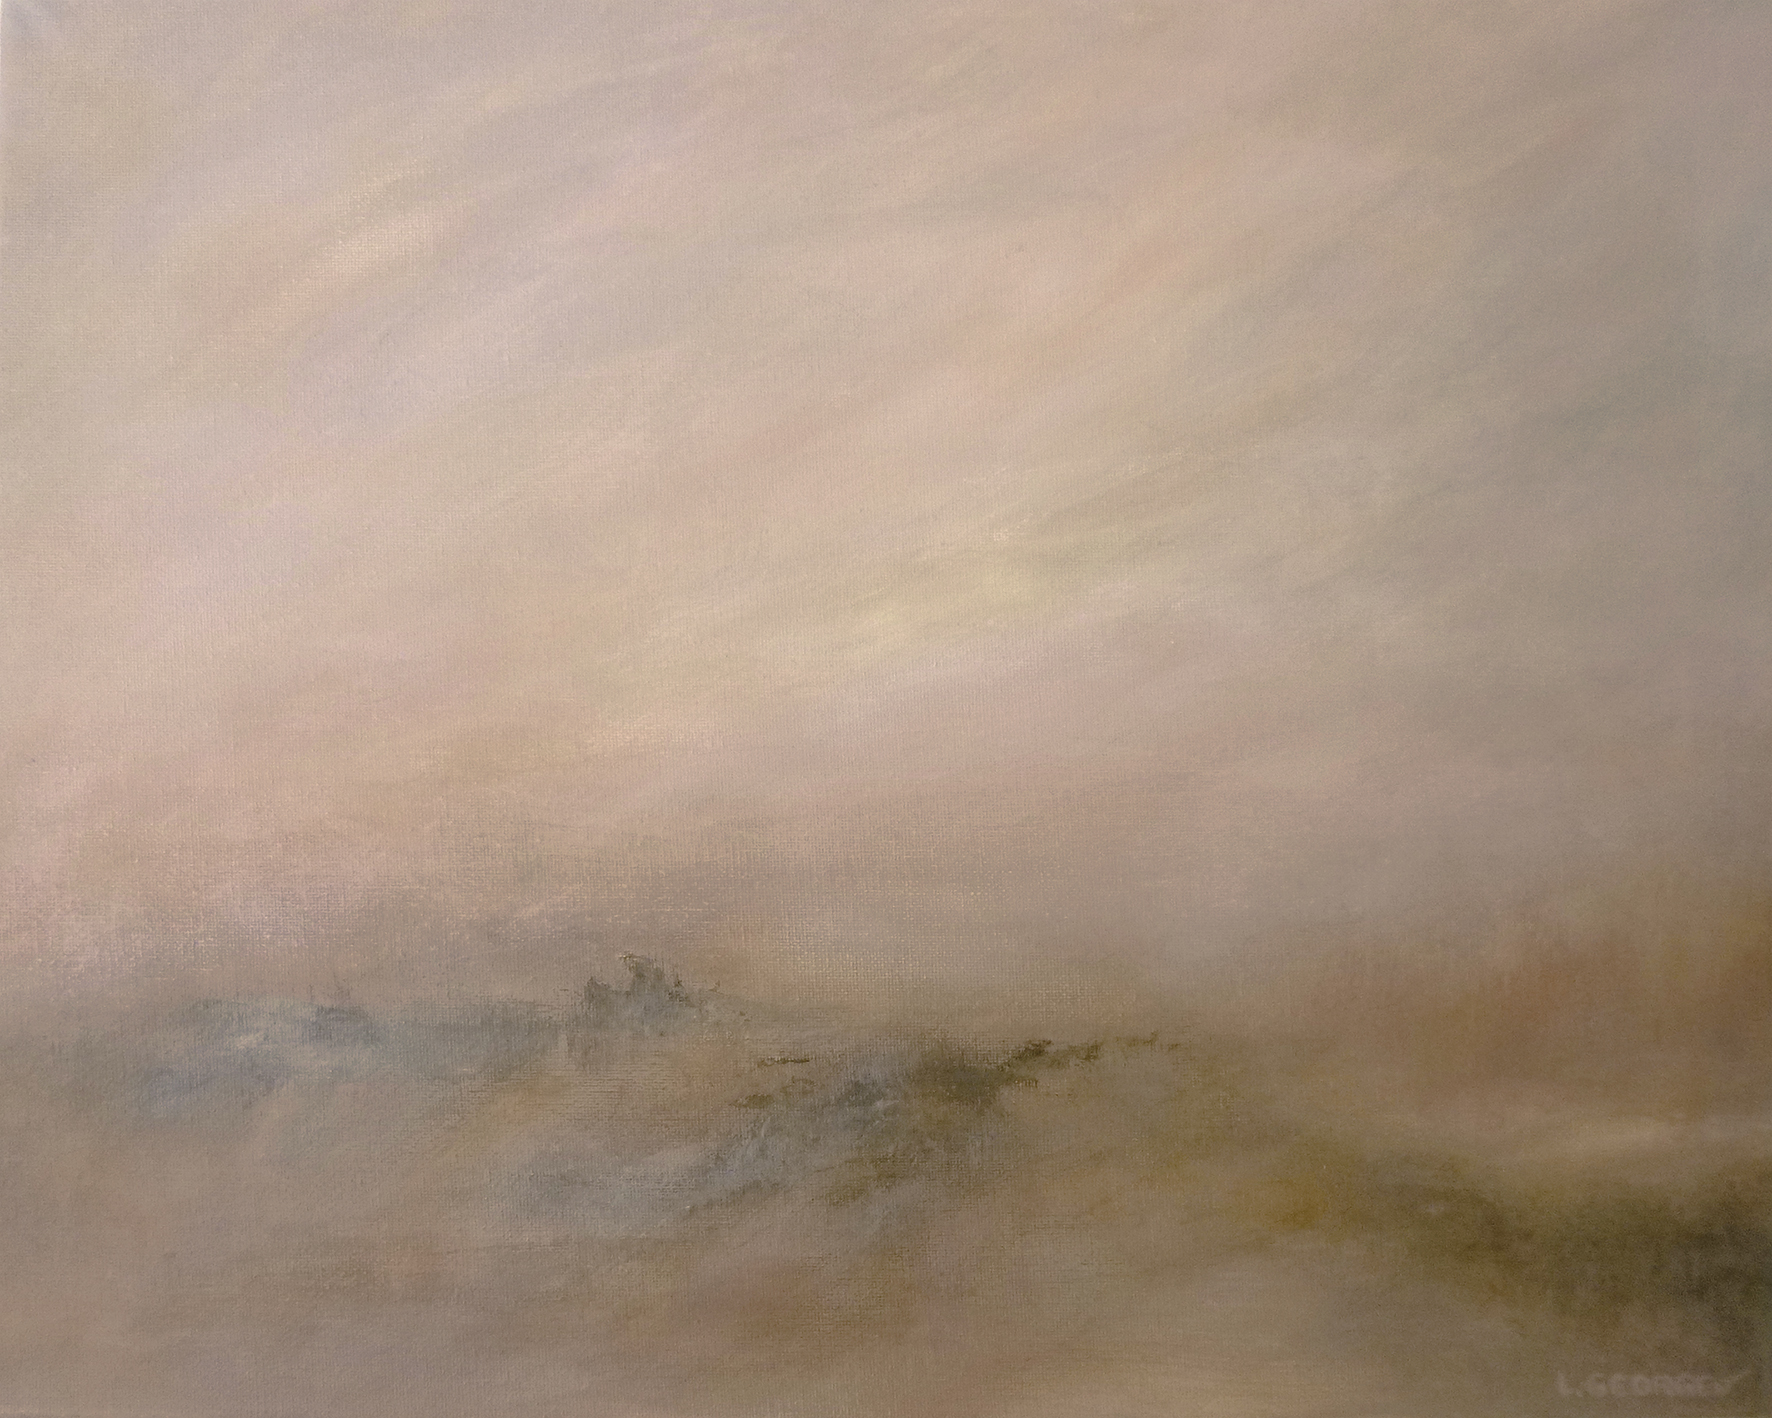 RÊVERIE, acrylique sur toile, 40x50 cm